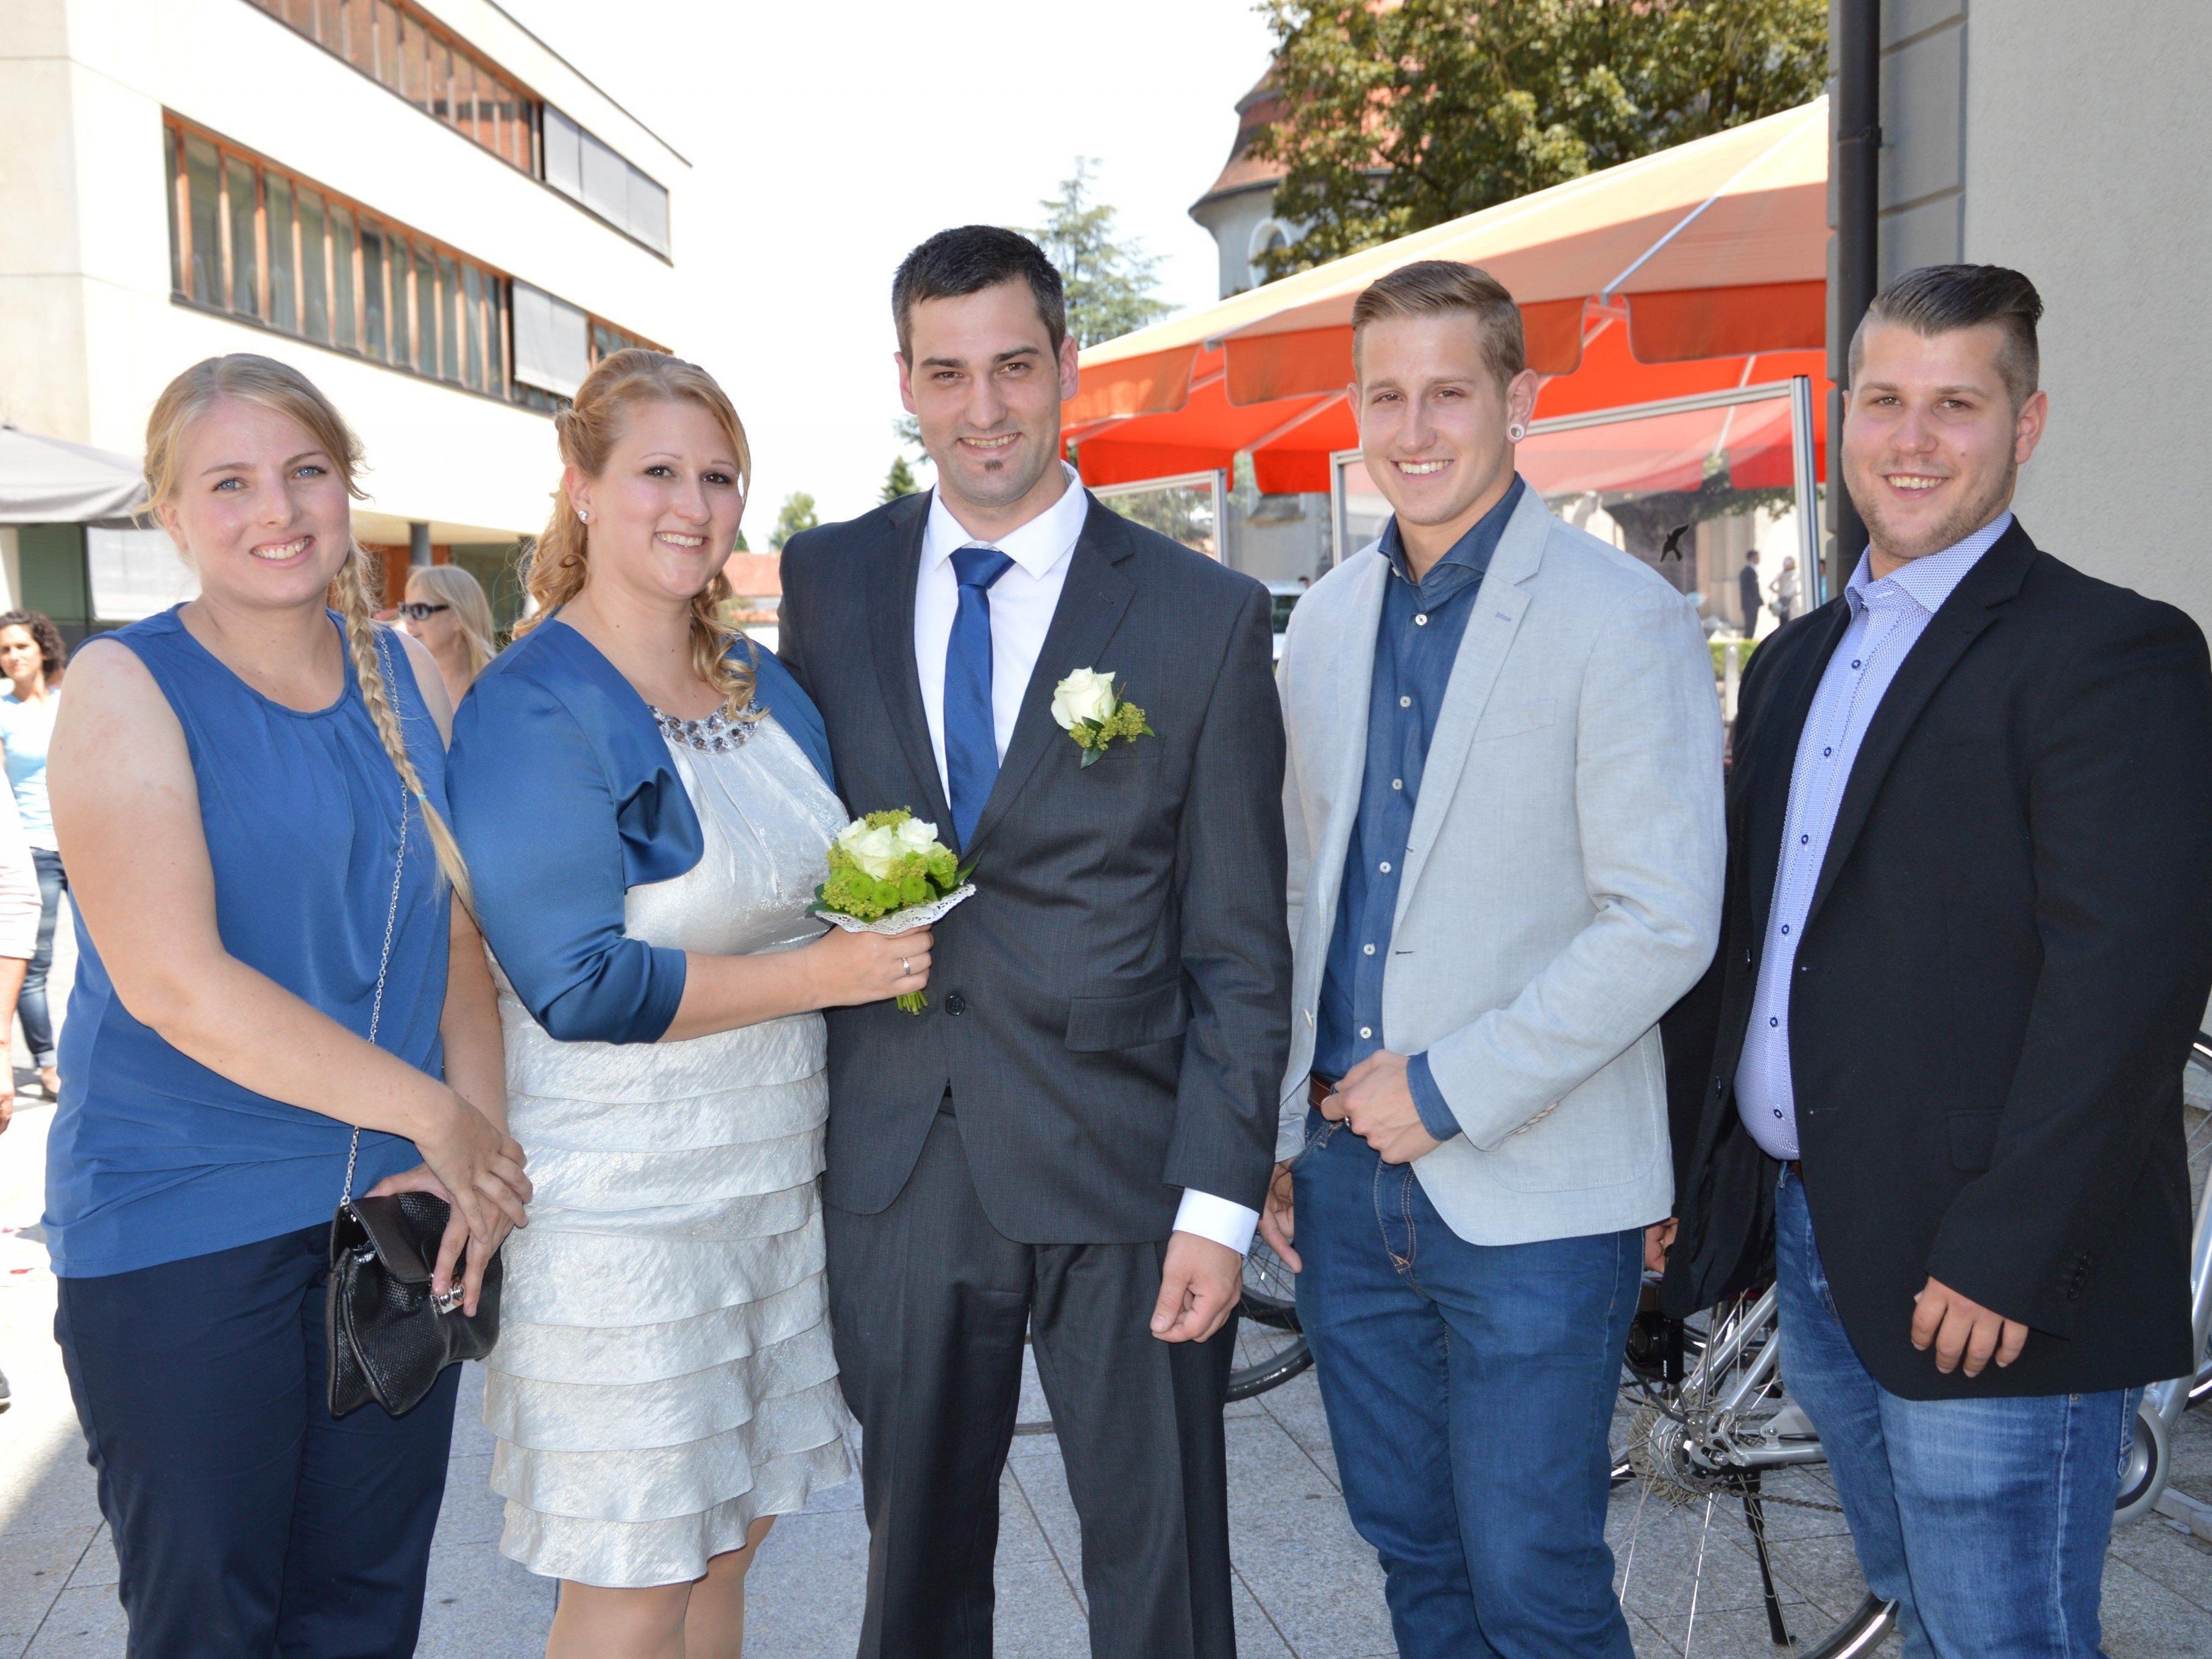 Christina Blum und Florian Bischof haben geheiratet